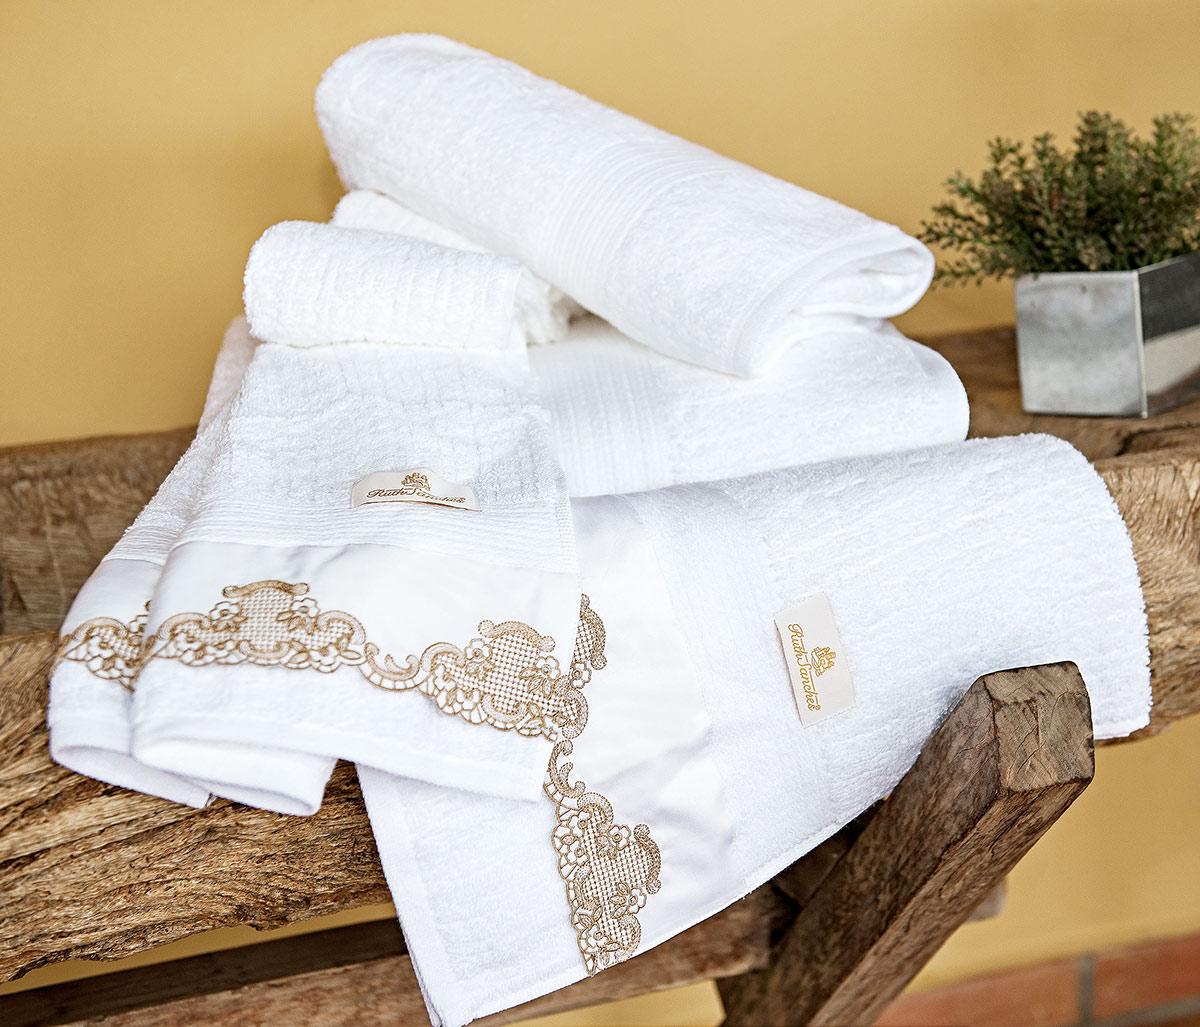 Toalhas de Banho Gigante Pienza cor Branco com 5 peças